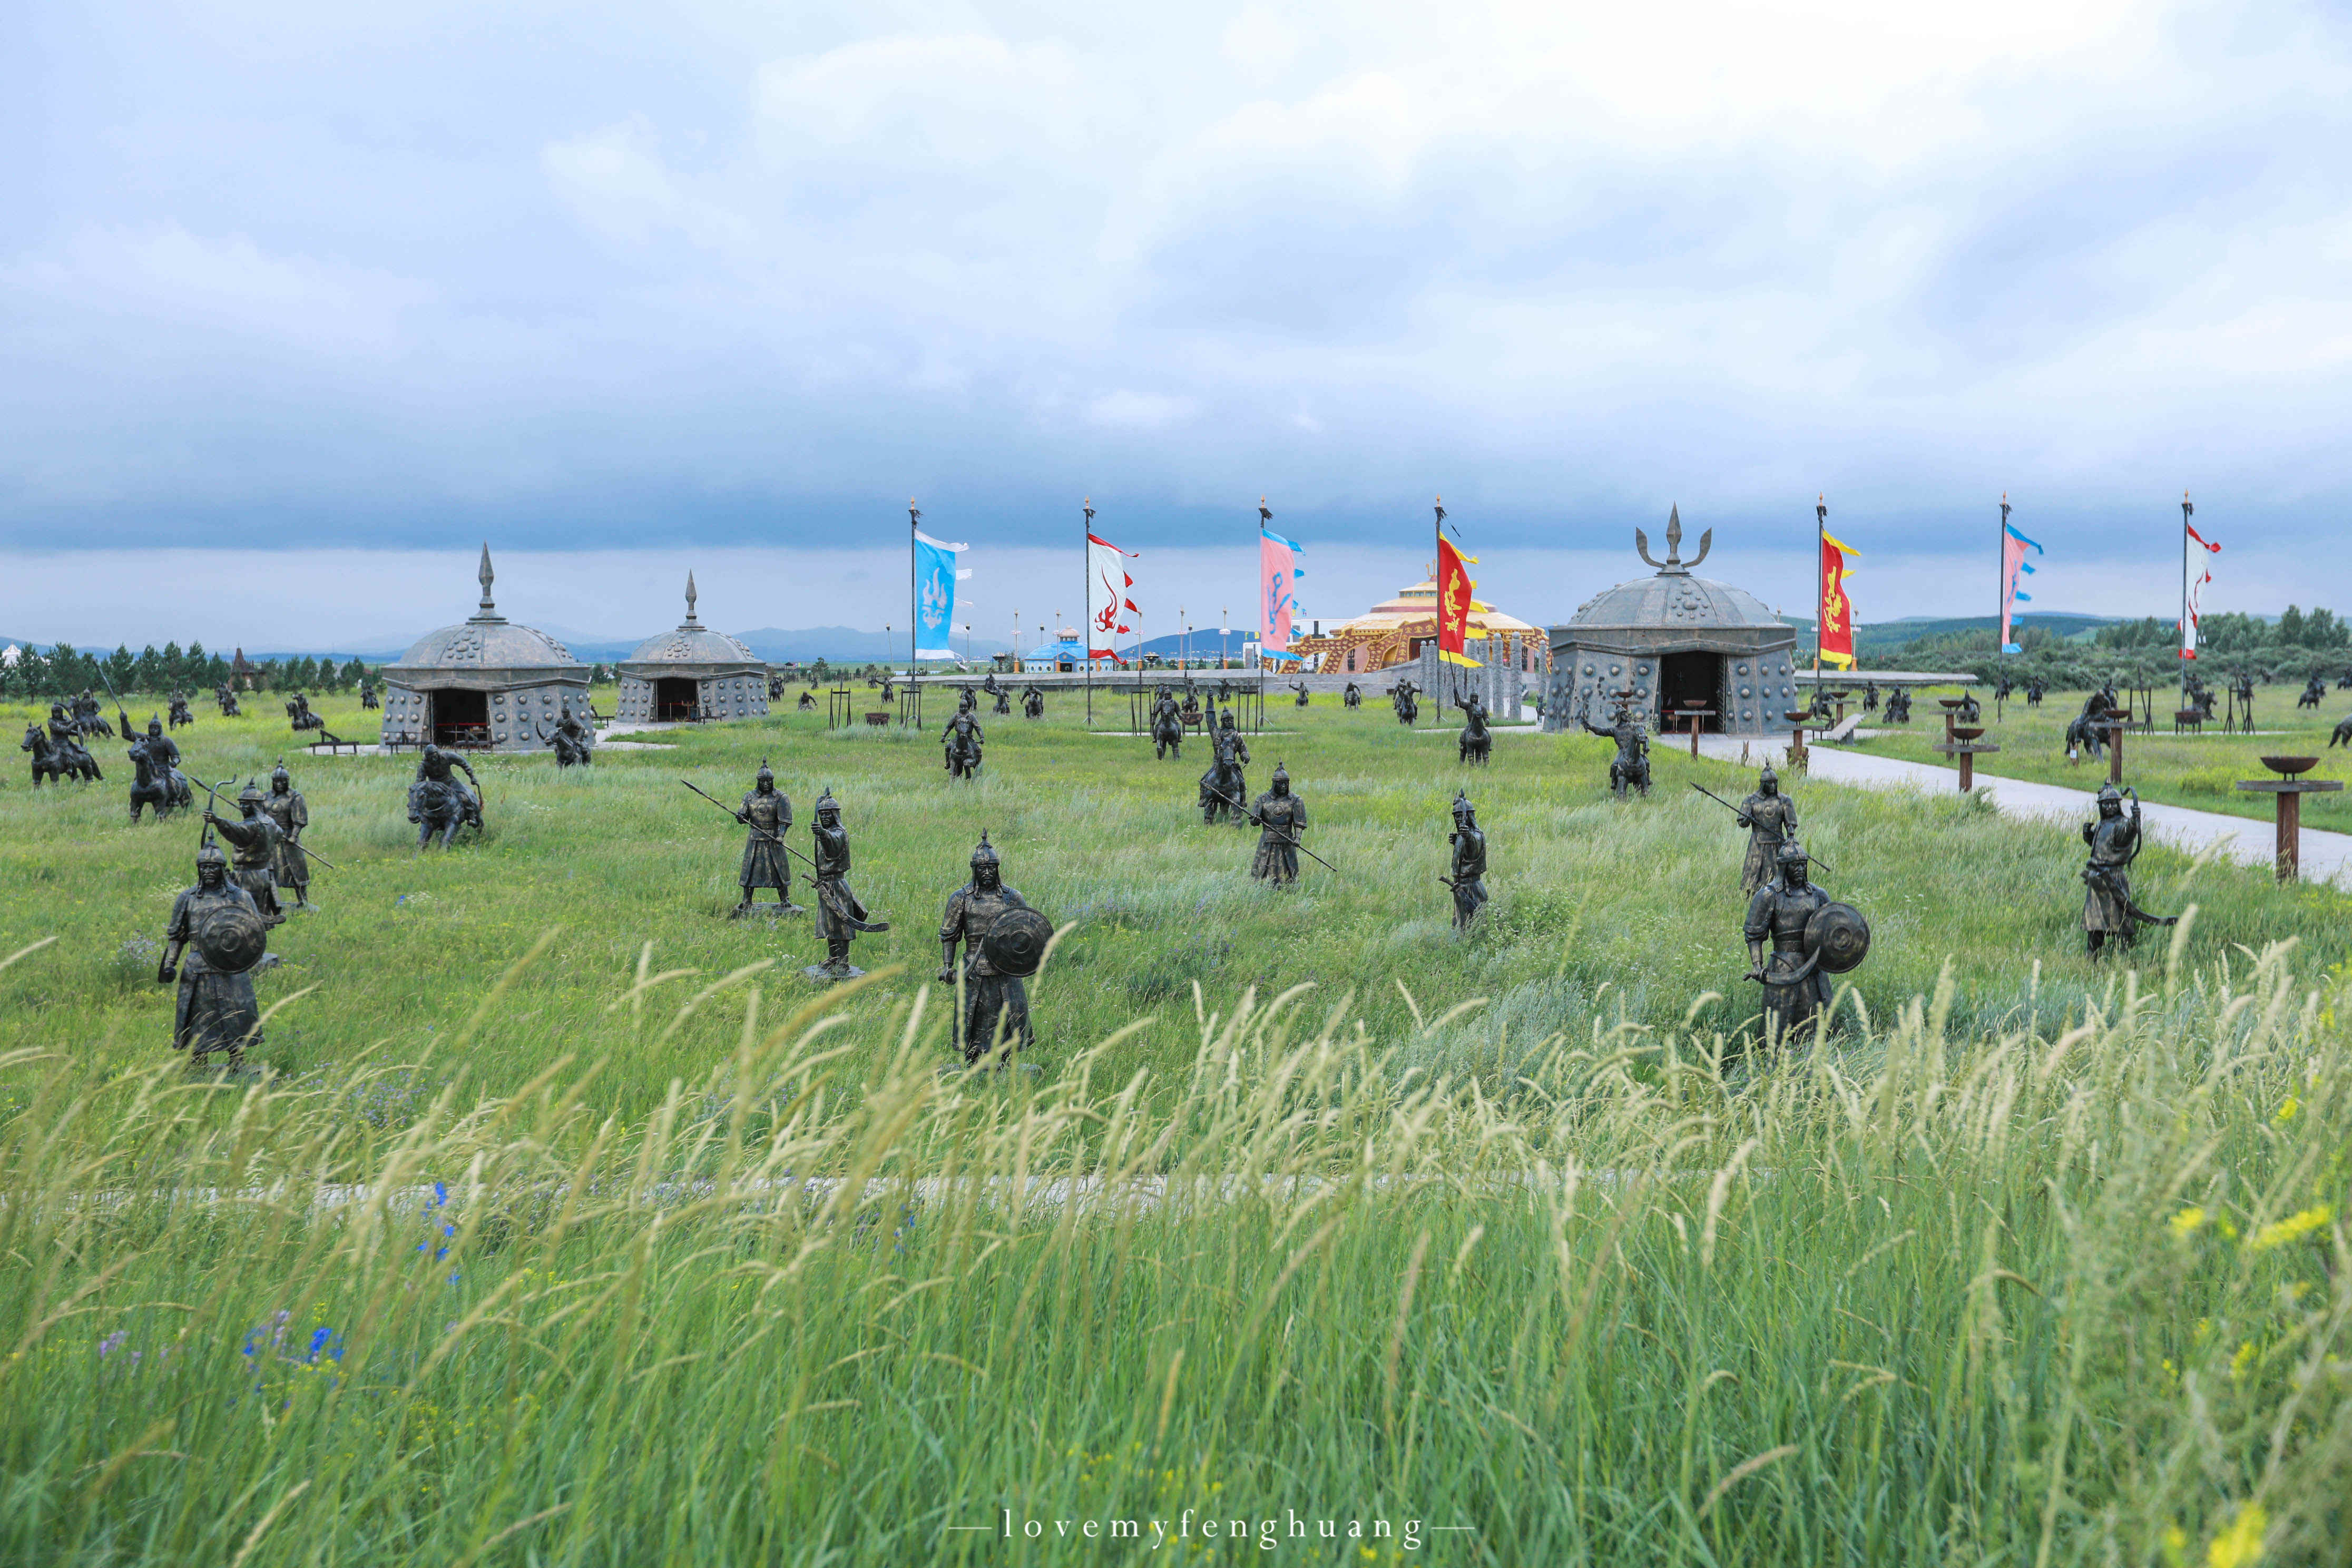 河北省的避暑胜地,夏天不到24℃,京北第一草原上规模最大的景区